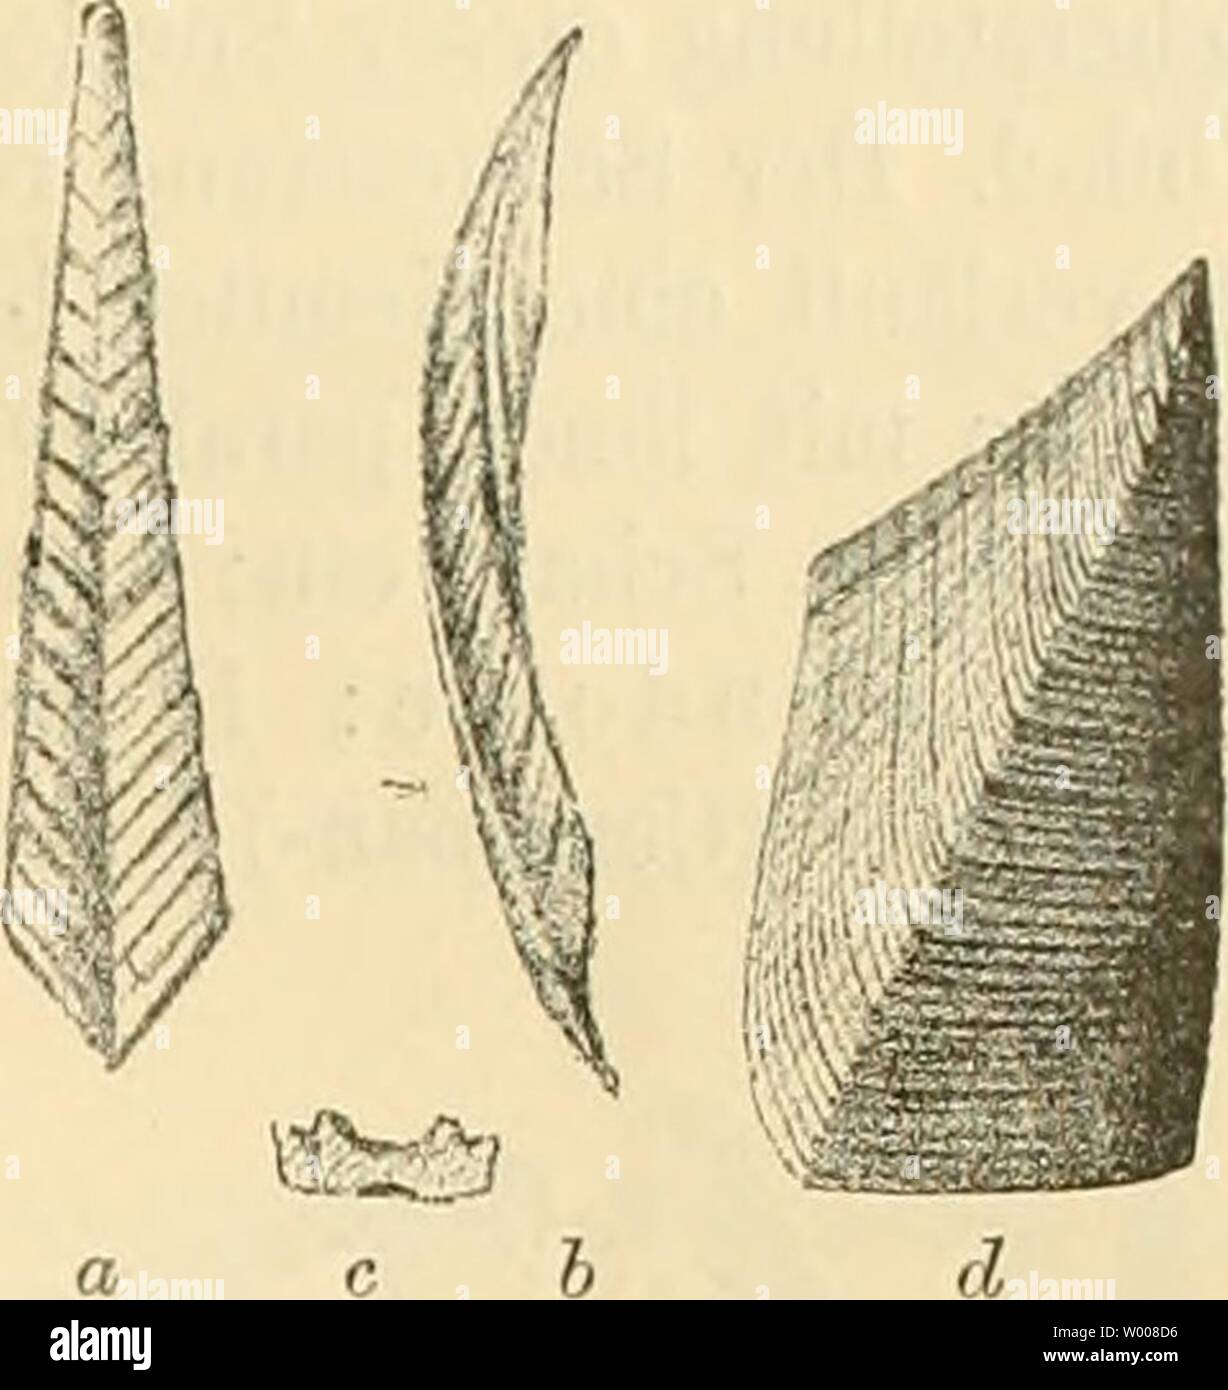 Archiv Bild von Seite 14 der Sterben der crustaceen bhmischen kreideformation. Der crustaceen bÂhmischen kreideformation diecrustaceender 00 Fria sterben jedes Jahr: 1887 Familie Lepadidae. Abbildung 3. Scaipellum quadratutn, Darw. a (Katze - ina von Kamajk l'mal ver-grössert, ein von Ihr Browser kann leider keine eingebetteten Frames anzeigen, h von d. Seite, c Querschnitt, d Scutum von Lan 4 mal vergrössert. Stockfoto